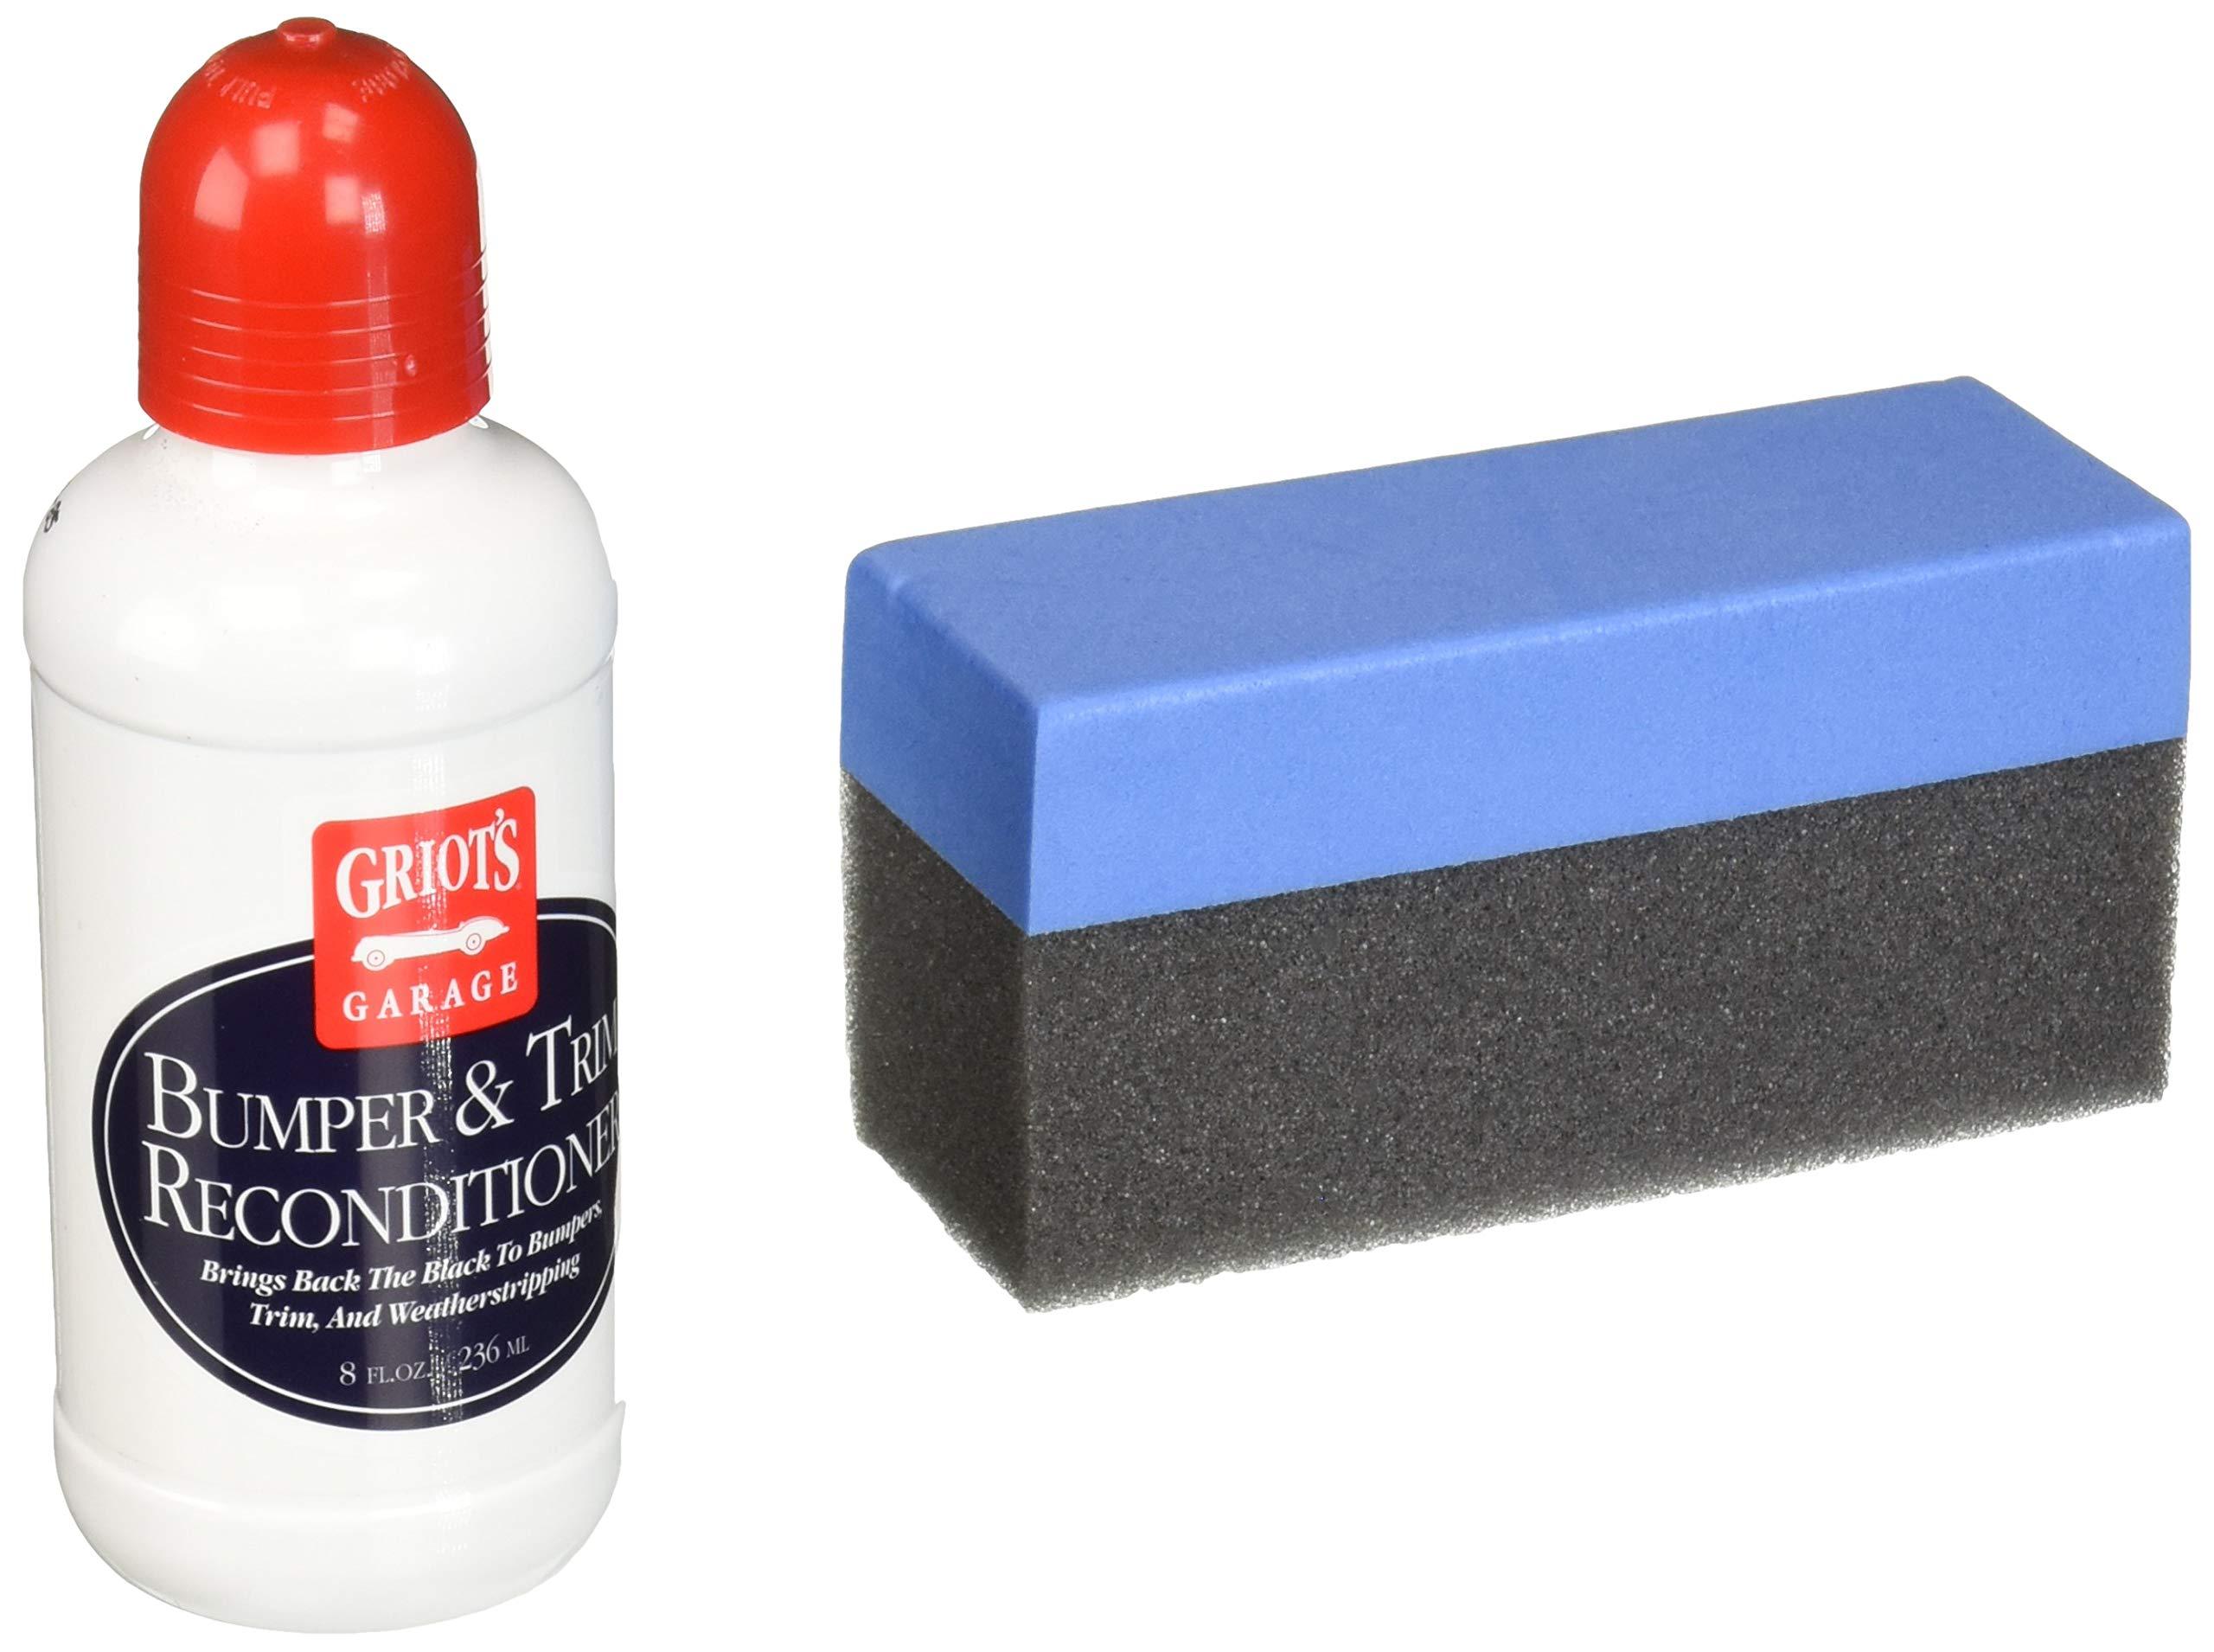 Griot's Garage 11016 Black Bumper and Trim Restorer 8oz